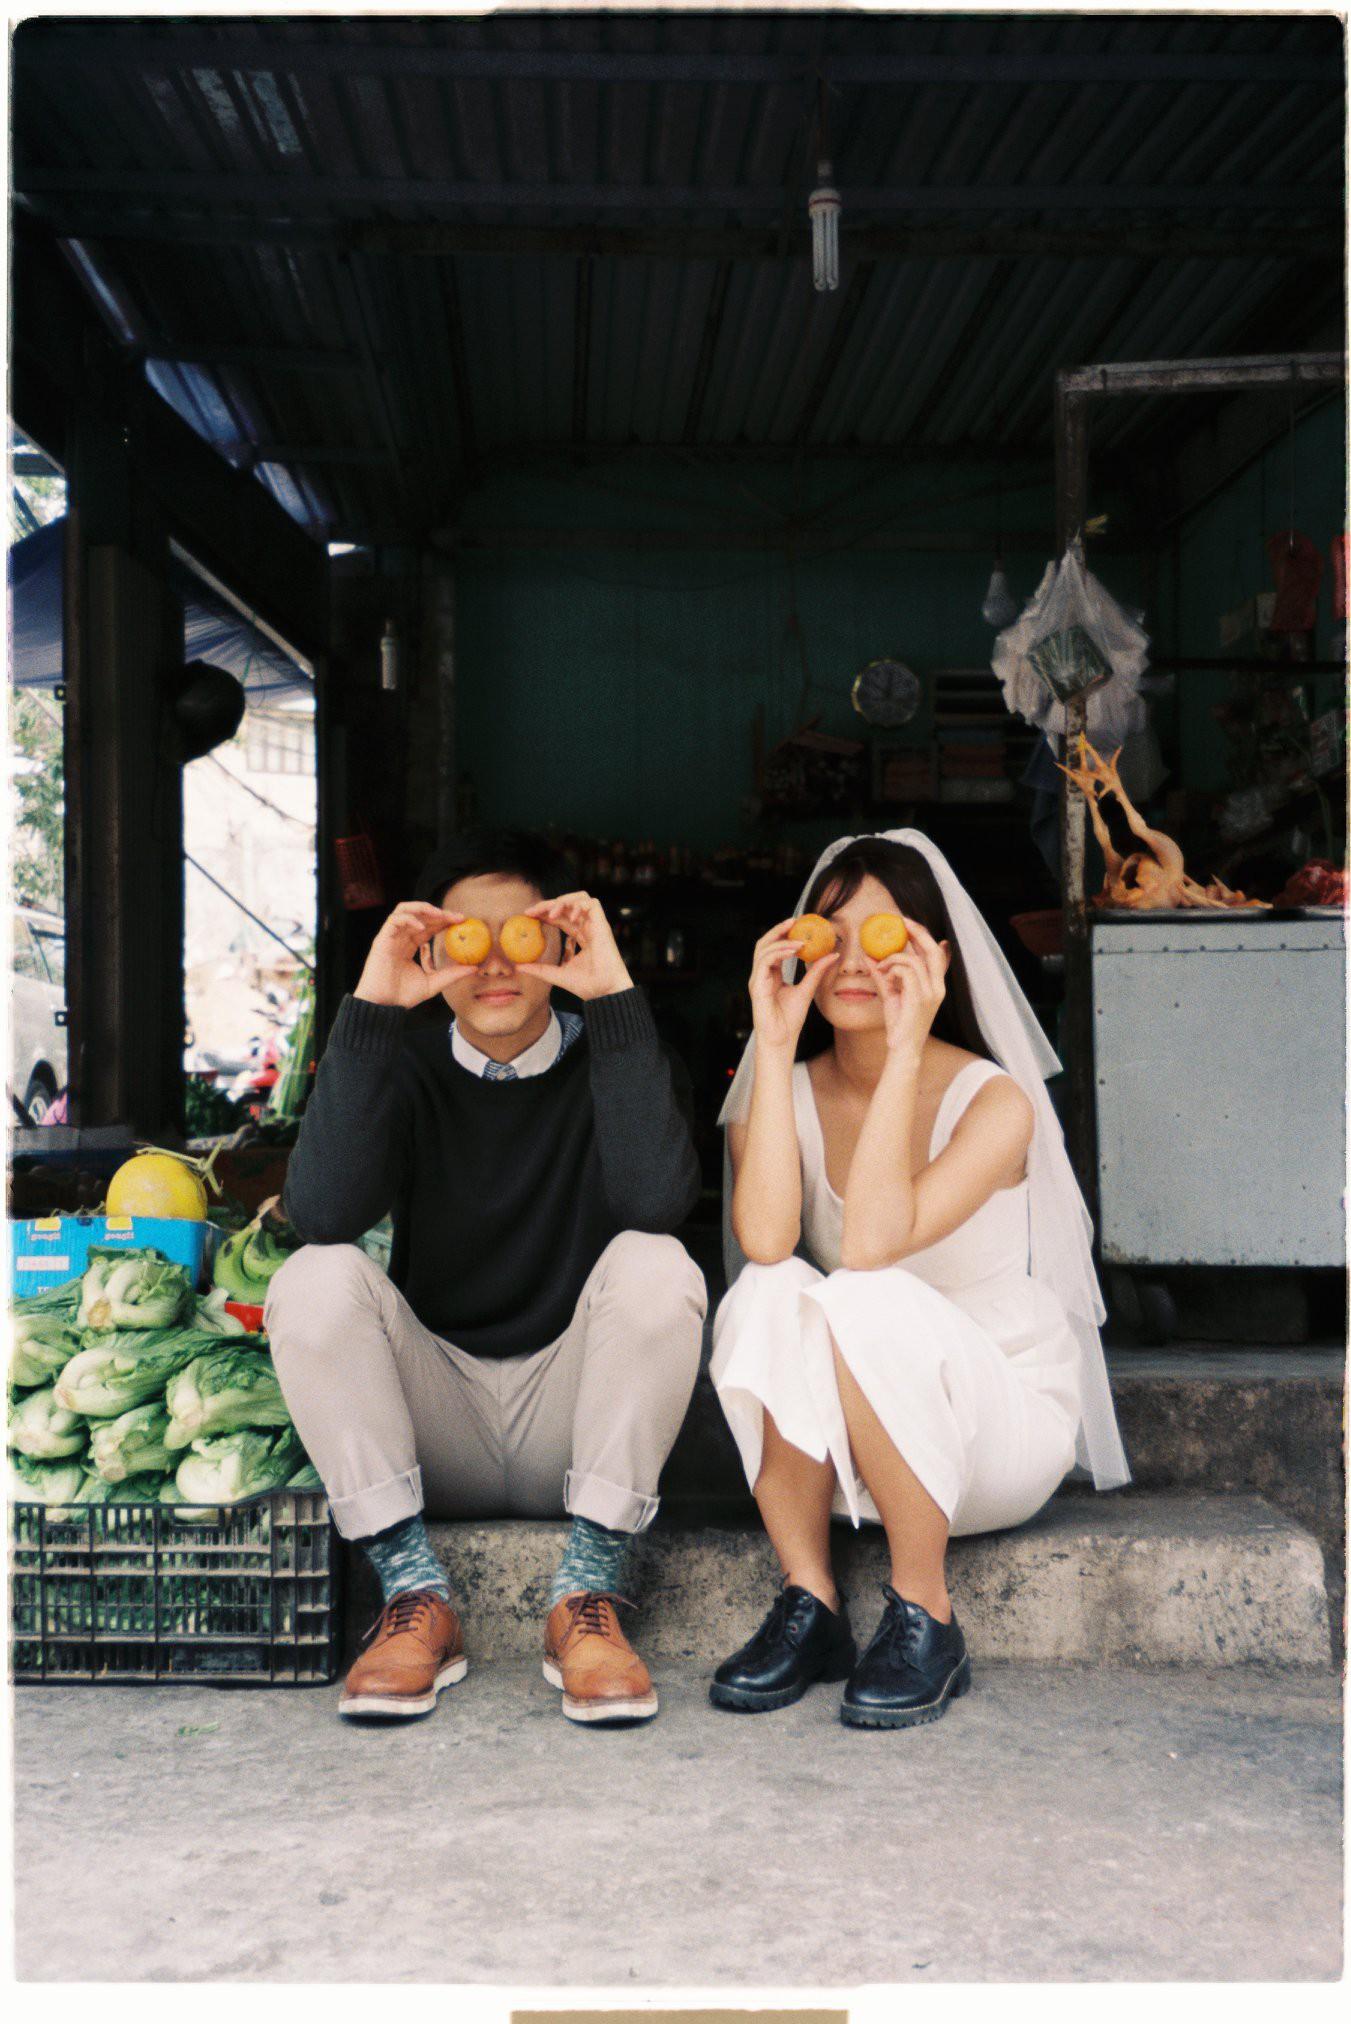 30 phút mượn vườn nhà bác hàng xóm, 9X Việt cho ra bộ ảnh cưới chất như film Hong Kong - Ảnh 6.